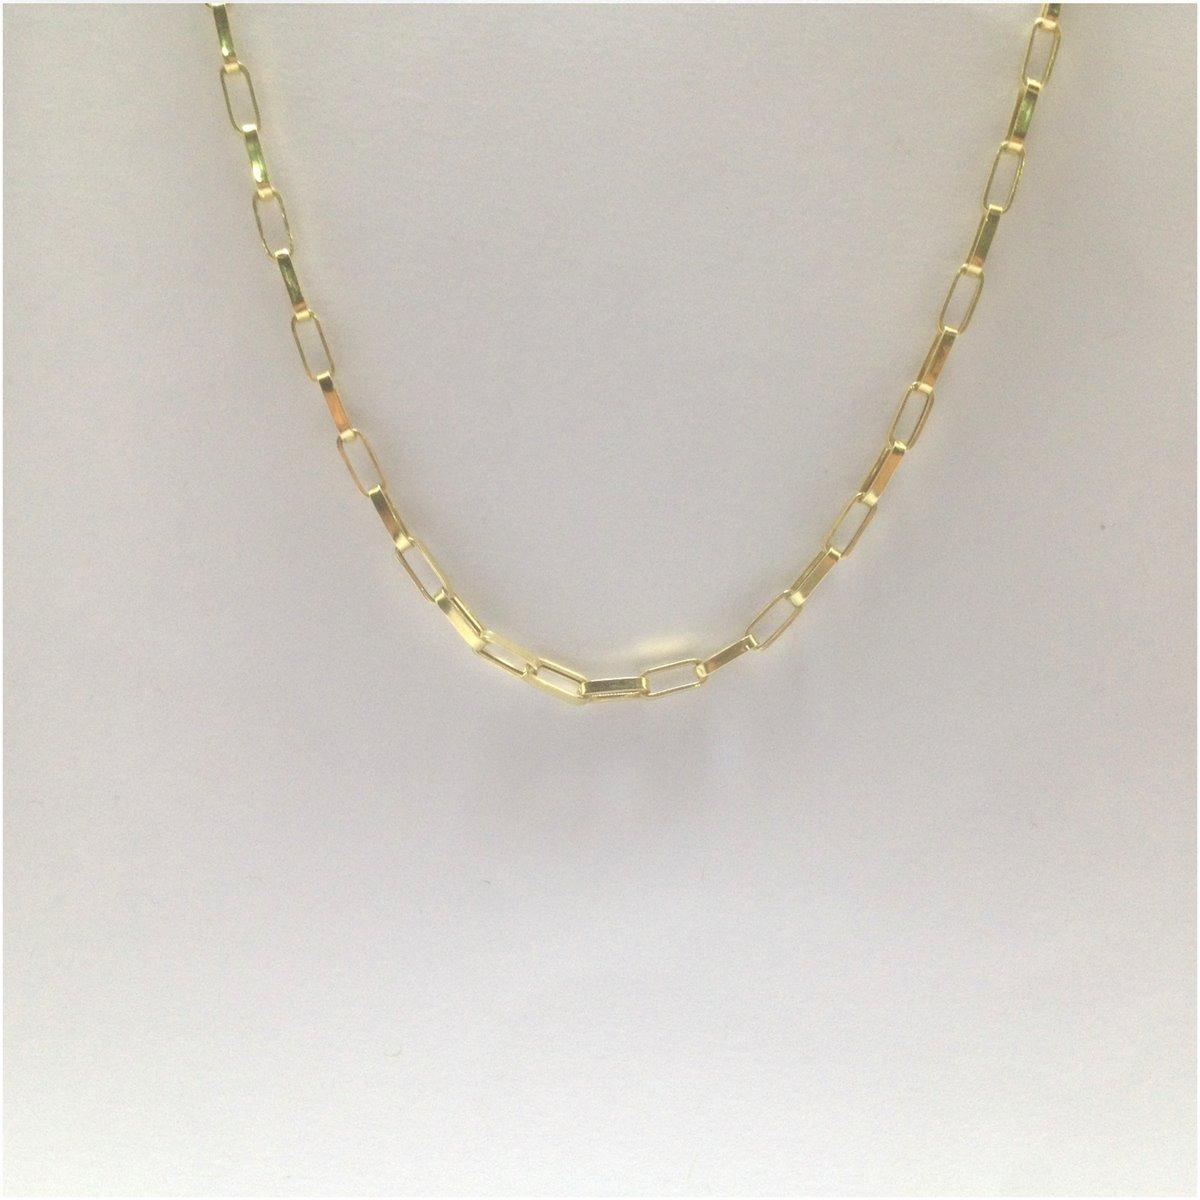 600d2426687 promoção corrente cordão cartier maciça masculino ouro 18k. Carregando zoom.